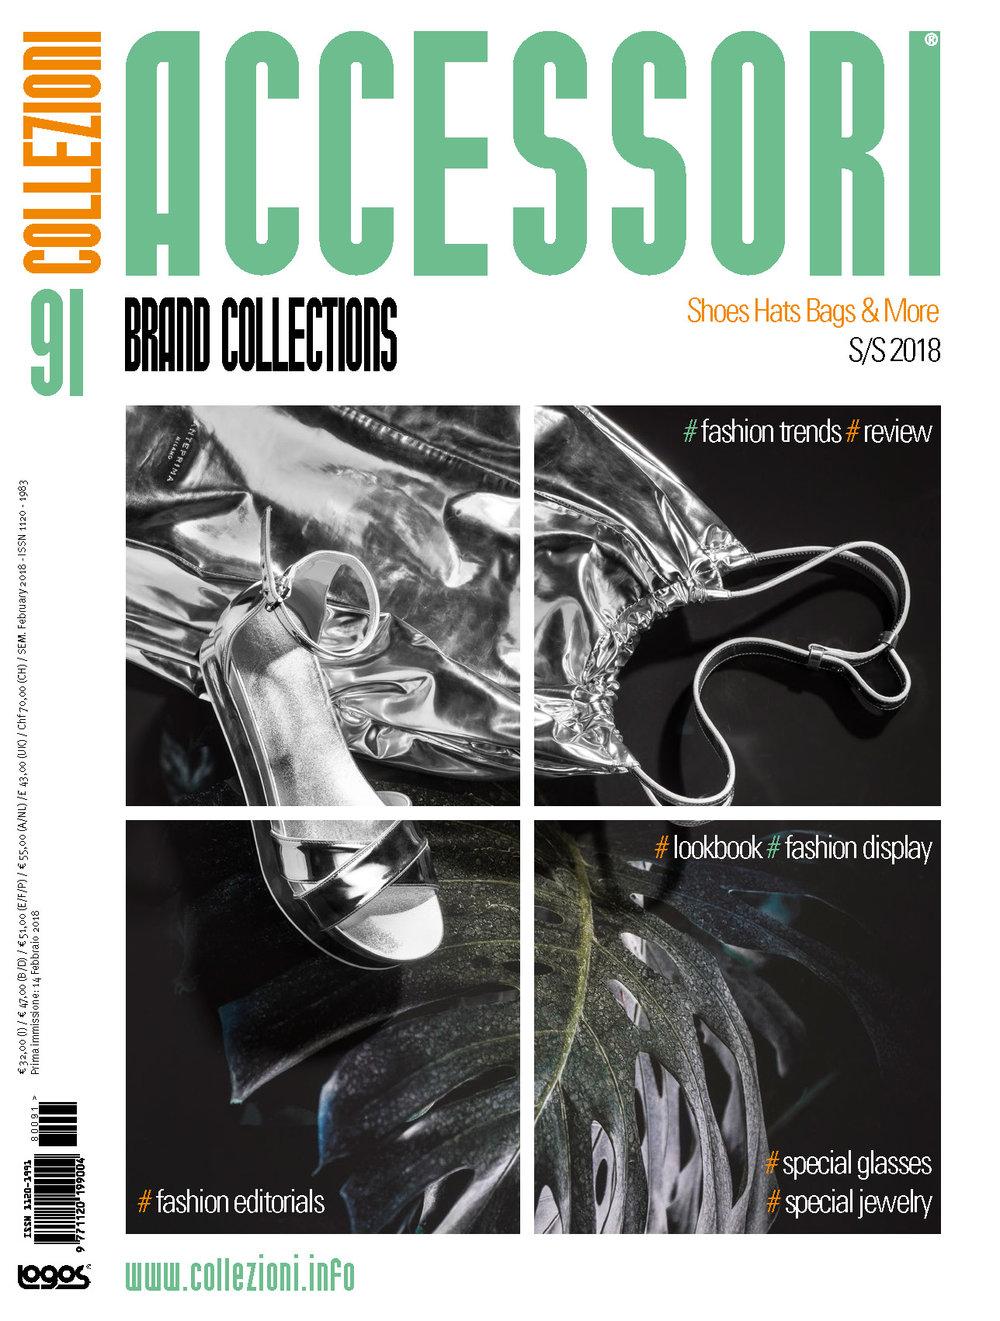 COLLEZIONI ACCESSORI feb 2018 Cover.jpg